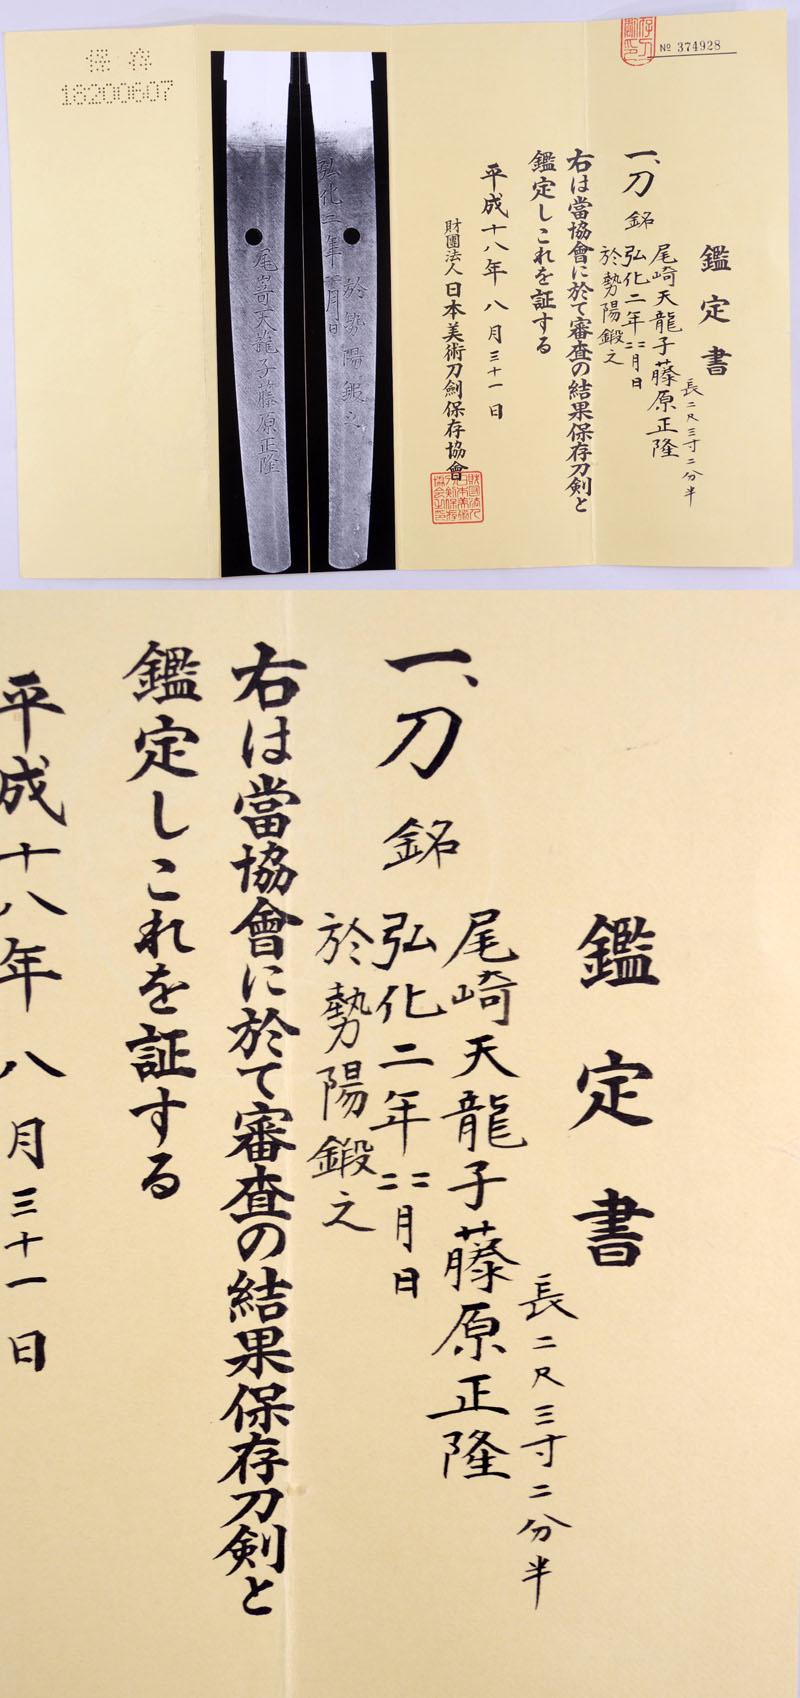 尾崎天龍子藤原正隆 Picture of Certificate